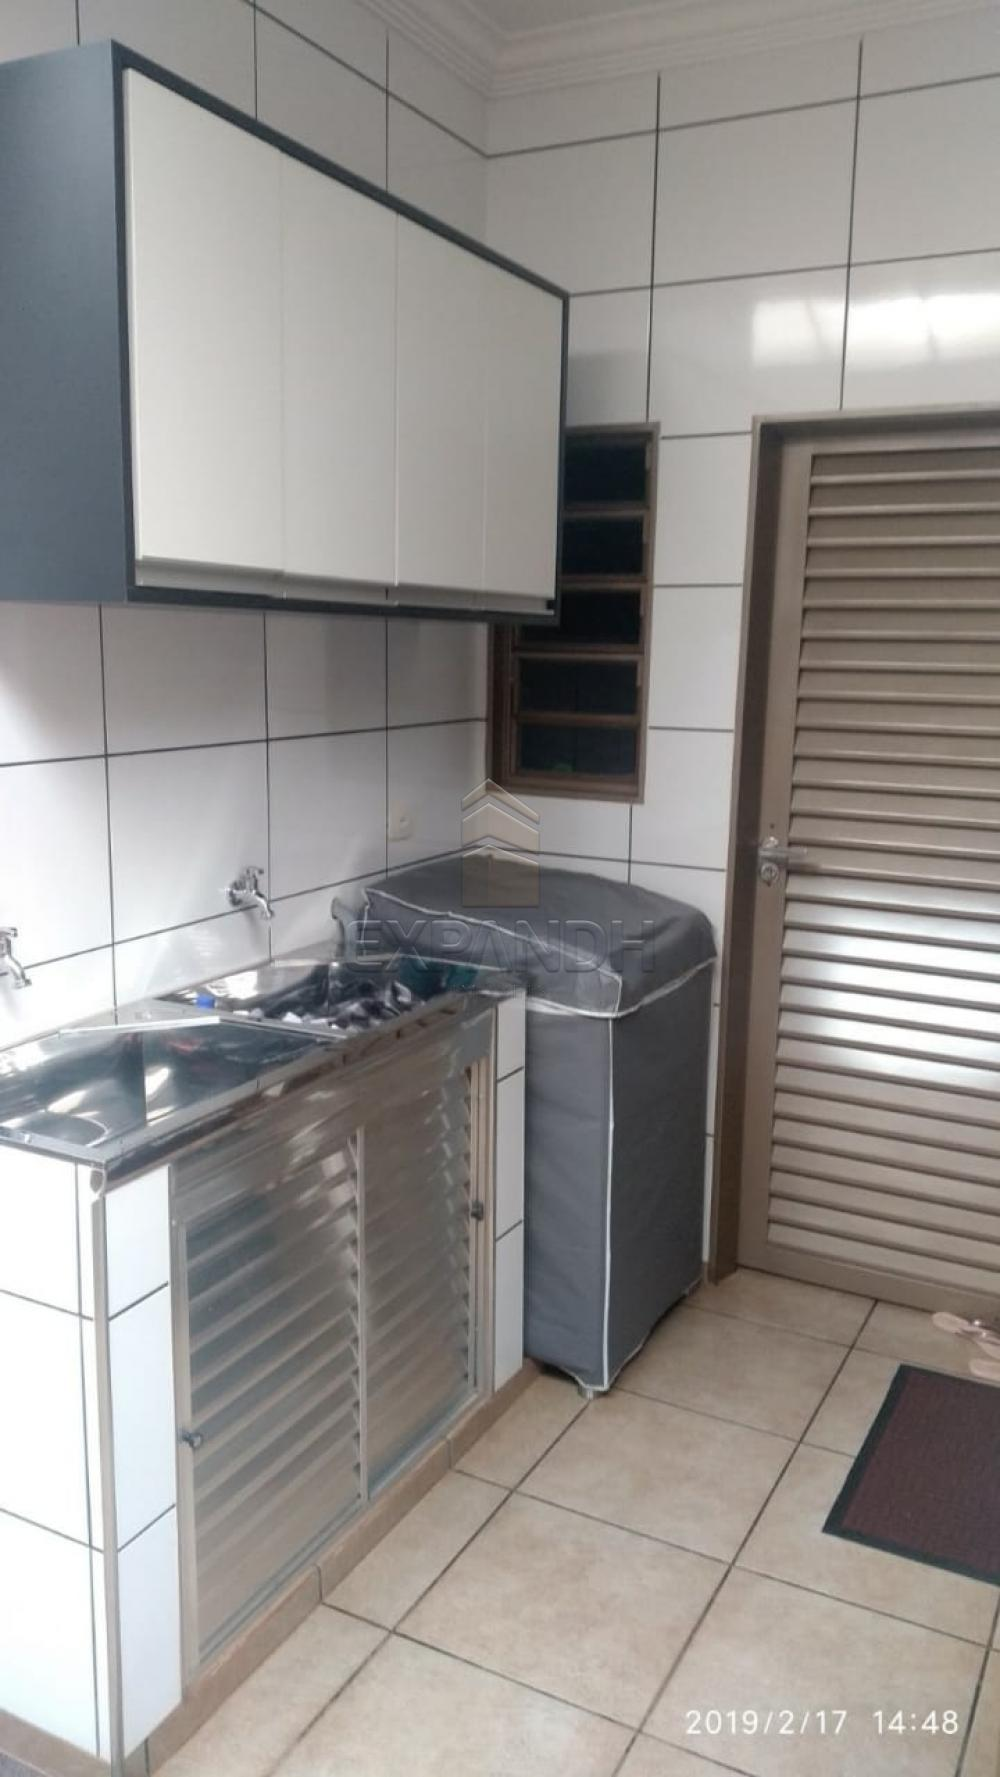 Comprar Casas / Padrão em Sertãozinho apenas R$ 355.000,00 - Foto 14